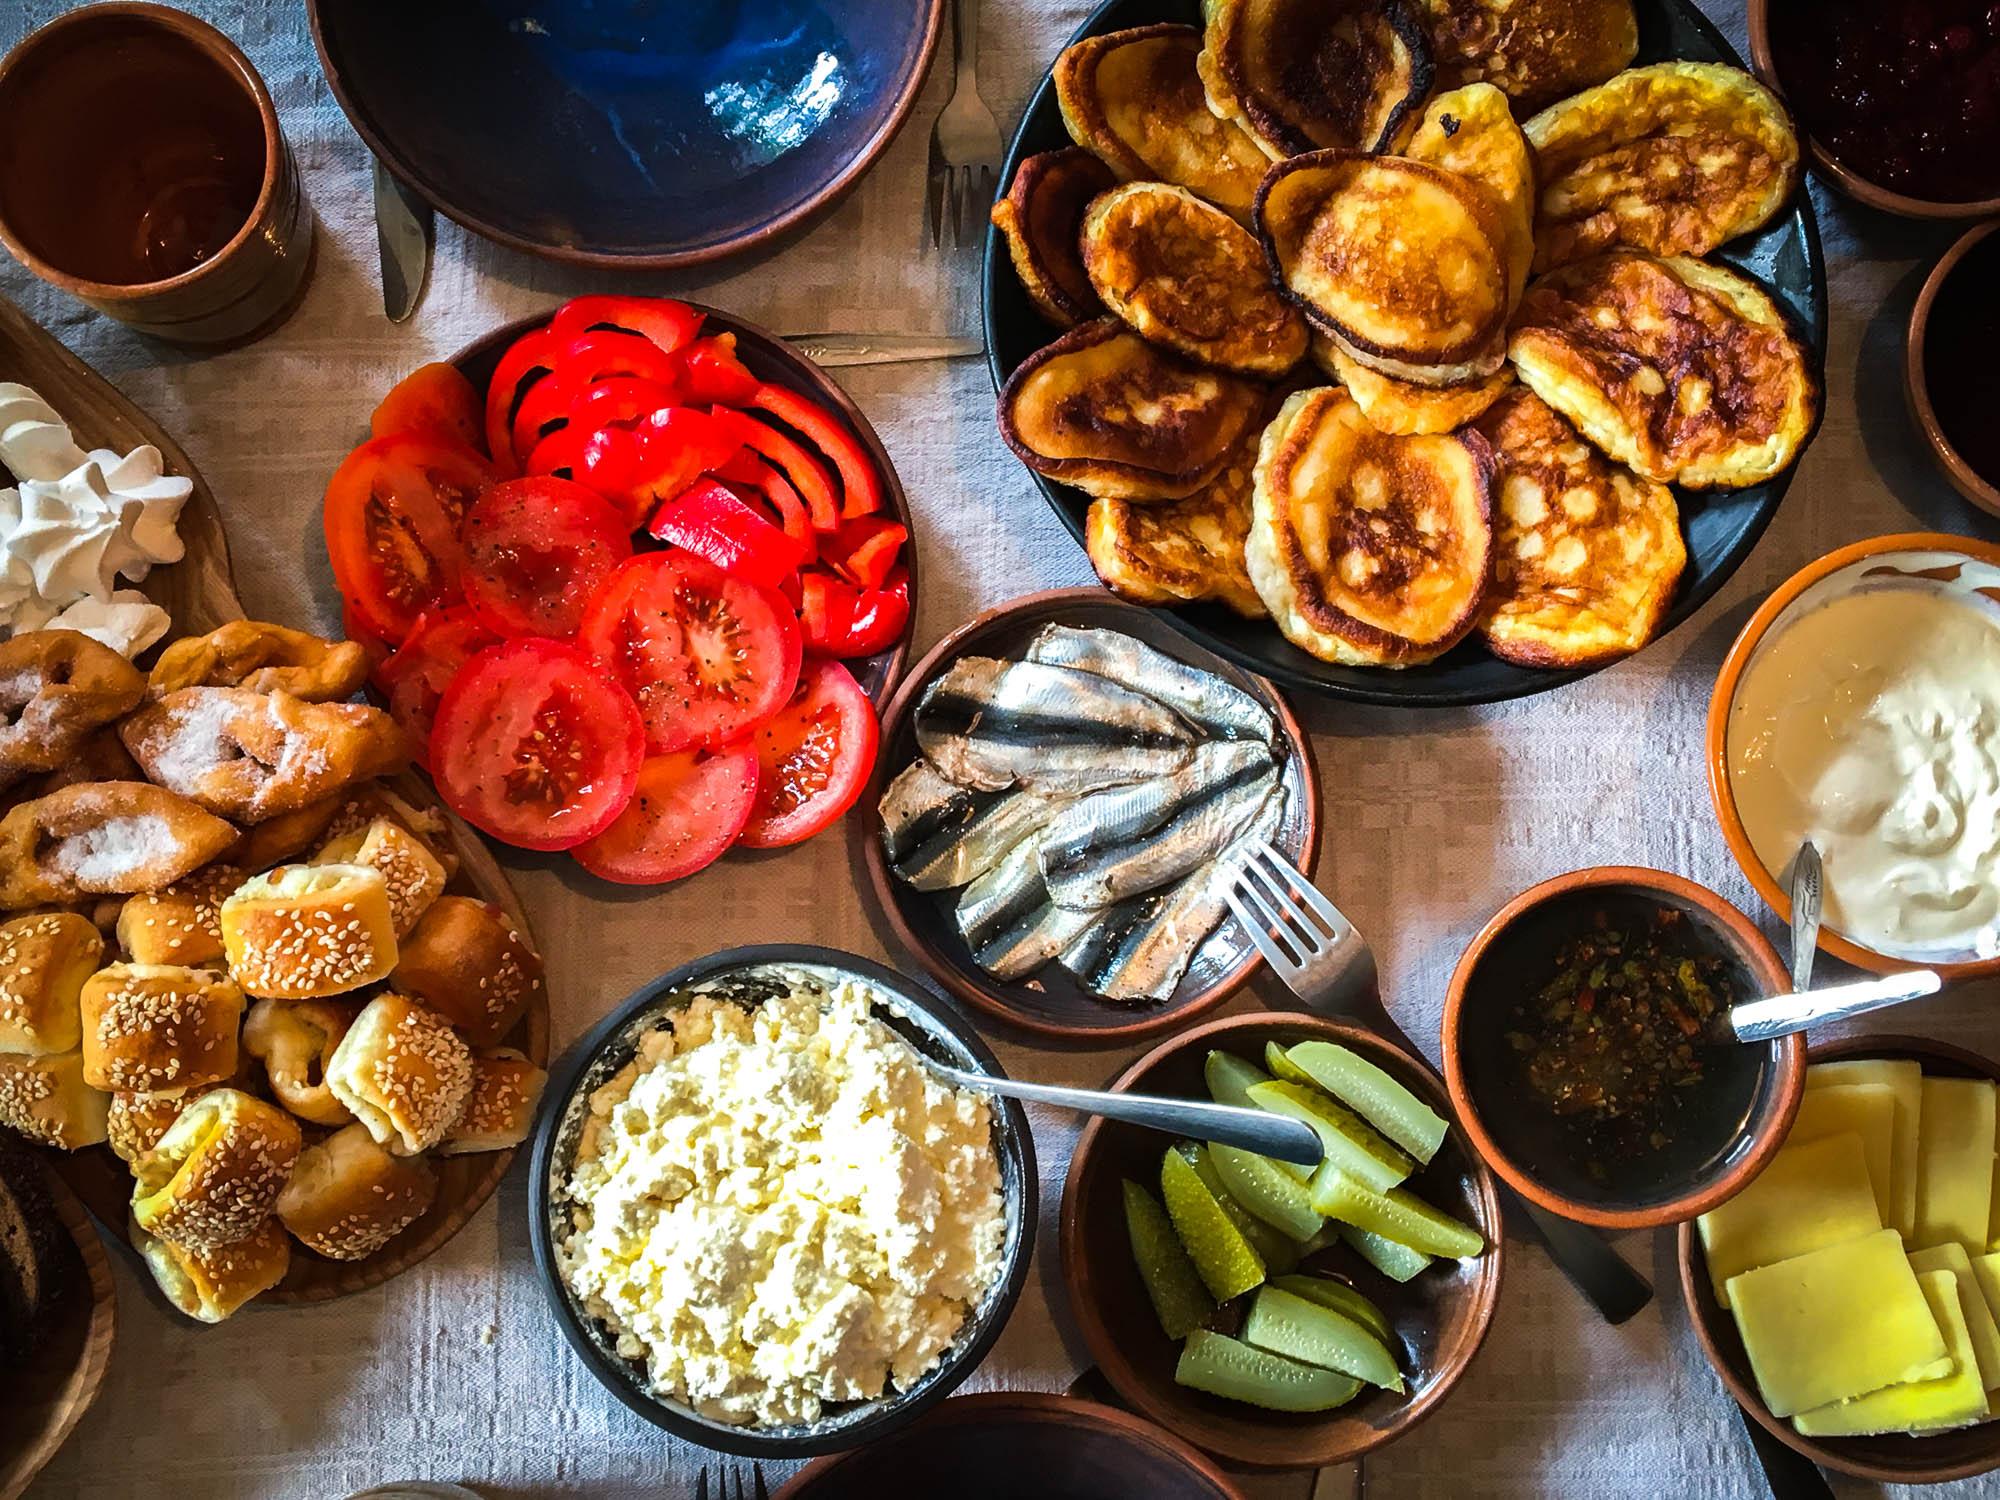 Tradisjonell mat fra Latvia